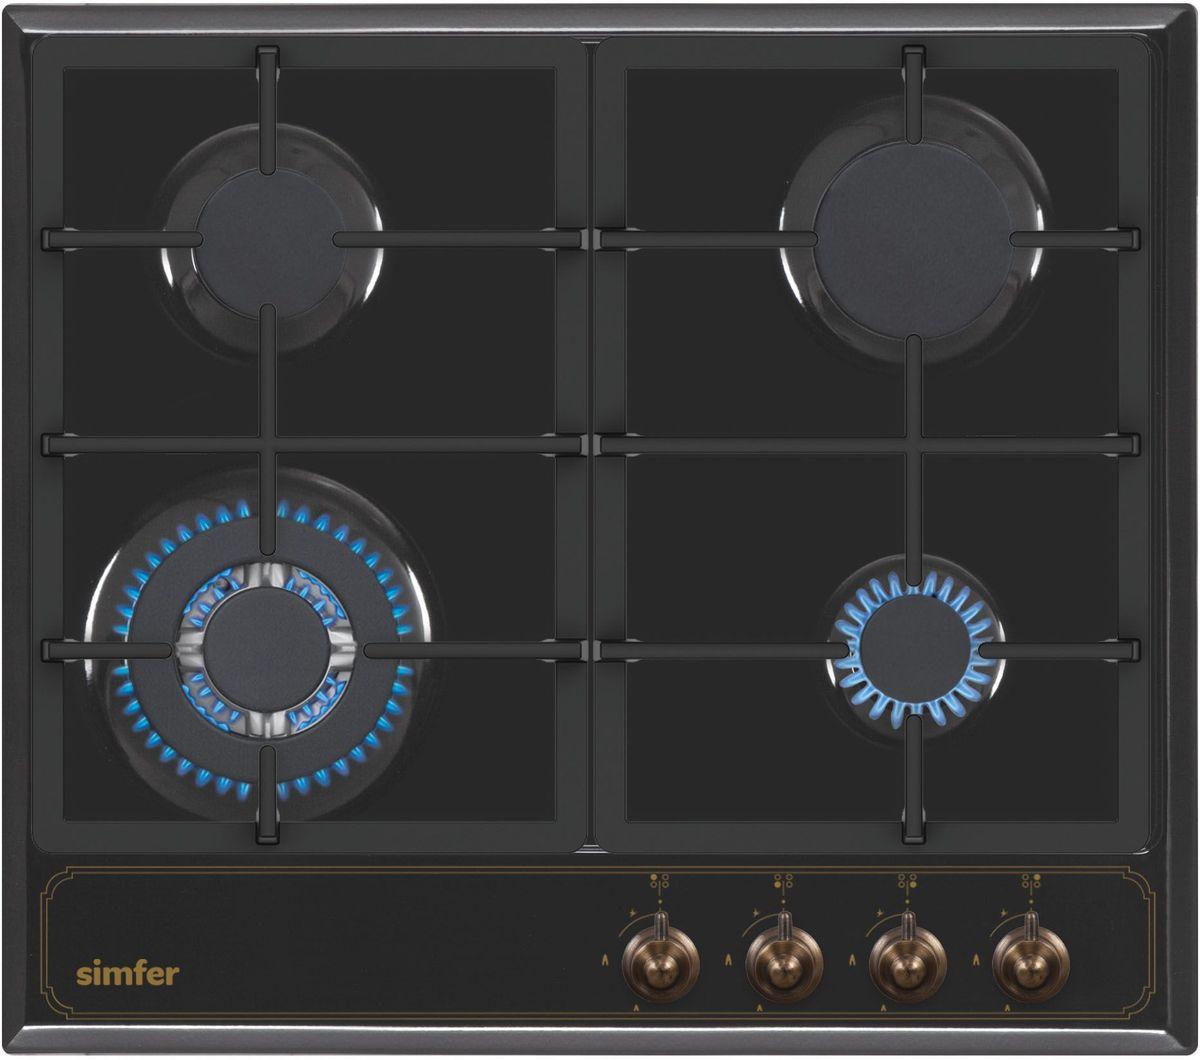 Simfer H60V41L511 панель варочная газоваяH60V41L511Газовая варочная панель Simfer H60V41L511 с чистым пламенем доведет вашу сковороду до нужной температуры без всяких задержек. Включите её и всё днище сковороды будет моментально нагрето. Благодаря идеальному расположению панели управления и индикатора уровня мощности прямо спереди этой варочной панели, любой повар, будь он левша или правша, сможет пользоваться ими с одинаковой лёгкостью. Газовая варочная поверхность Simfer H60V41L511 упрощает приготовление и делает его безопаснее благодаря особой форме подставок, обеспечивающих абсолютную устойчивость посуды. Нет способа быстрее и удобнее для того, чтобы разжечь конфорку, чем автоподжиг варочной панели. Просто поверните ручку, чтобы открыть и зажечь газ одним плавным движением.